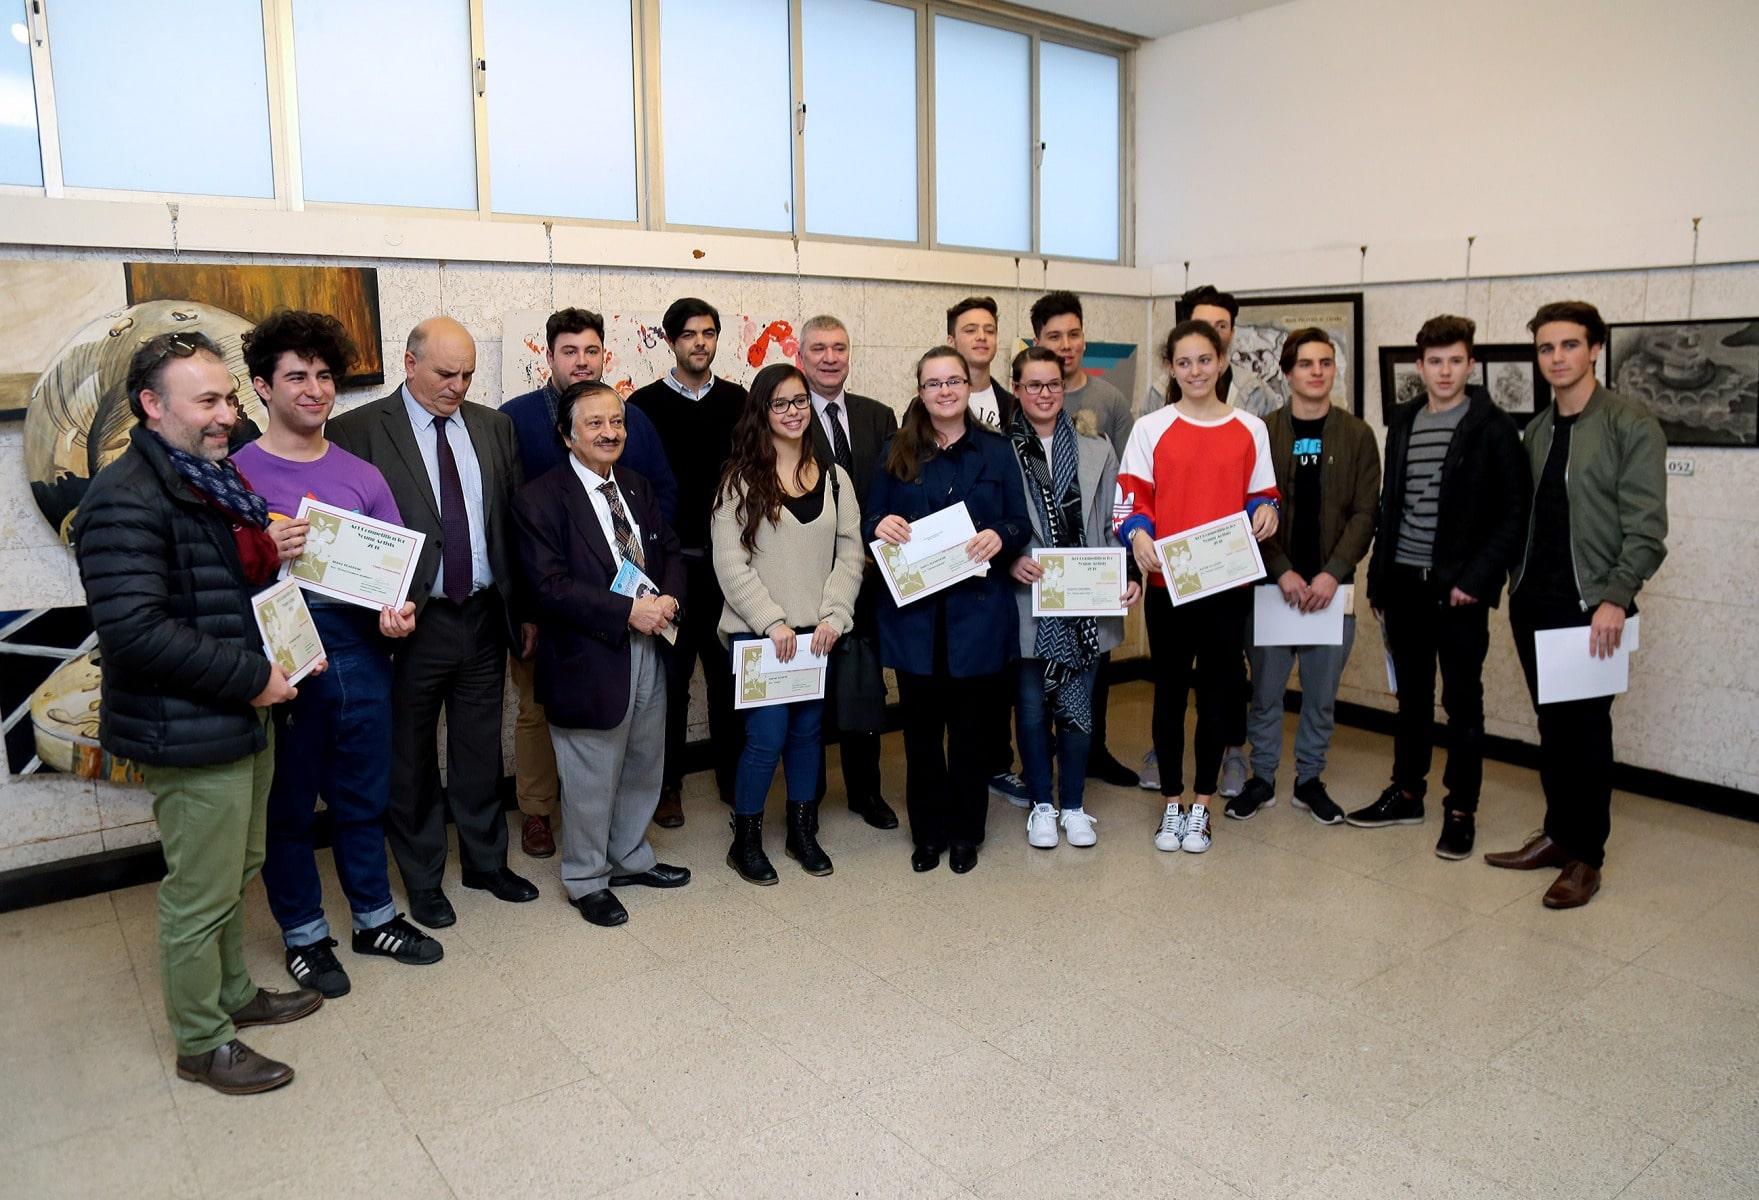 01-mar-2016-entrega-de-premios-concurso-artistas-jvenes-de-gibraltar_24862361154_o